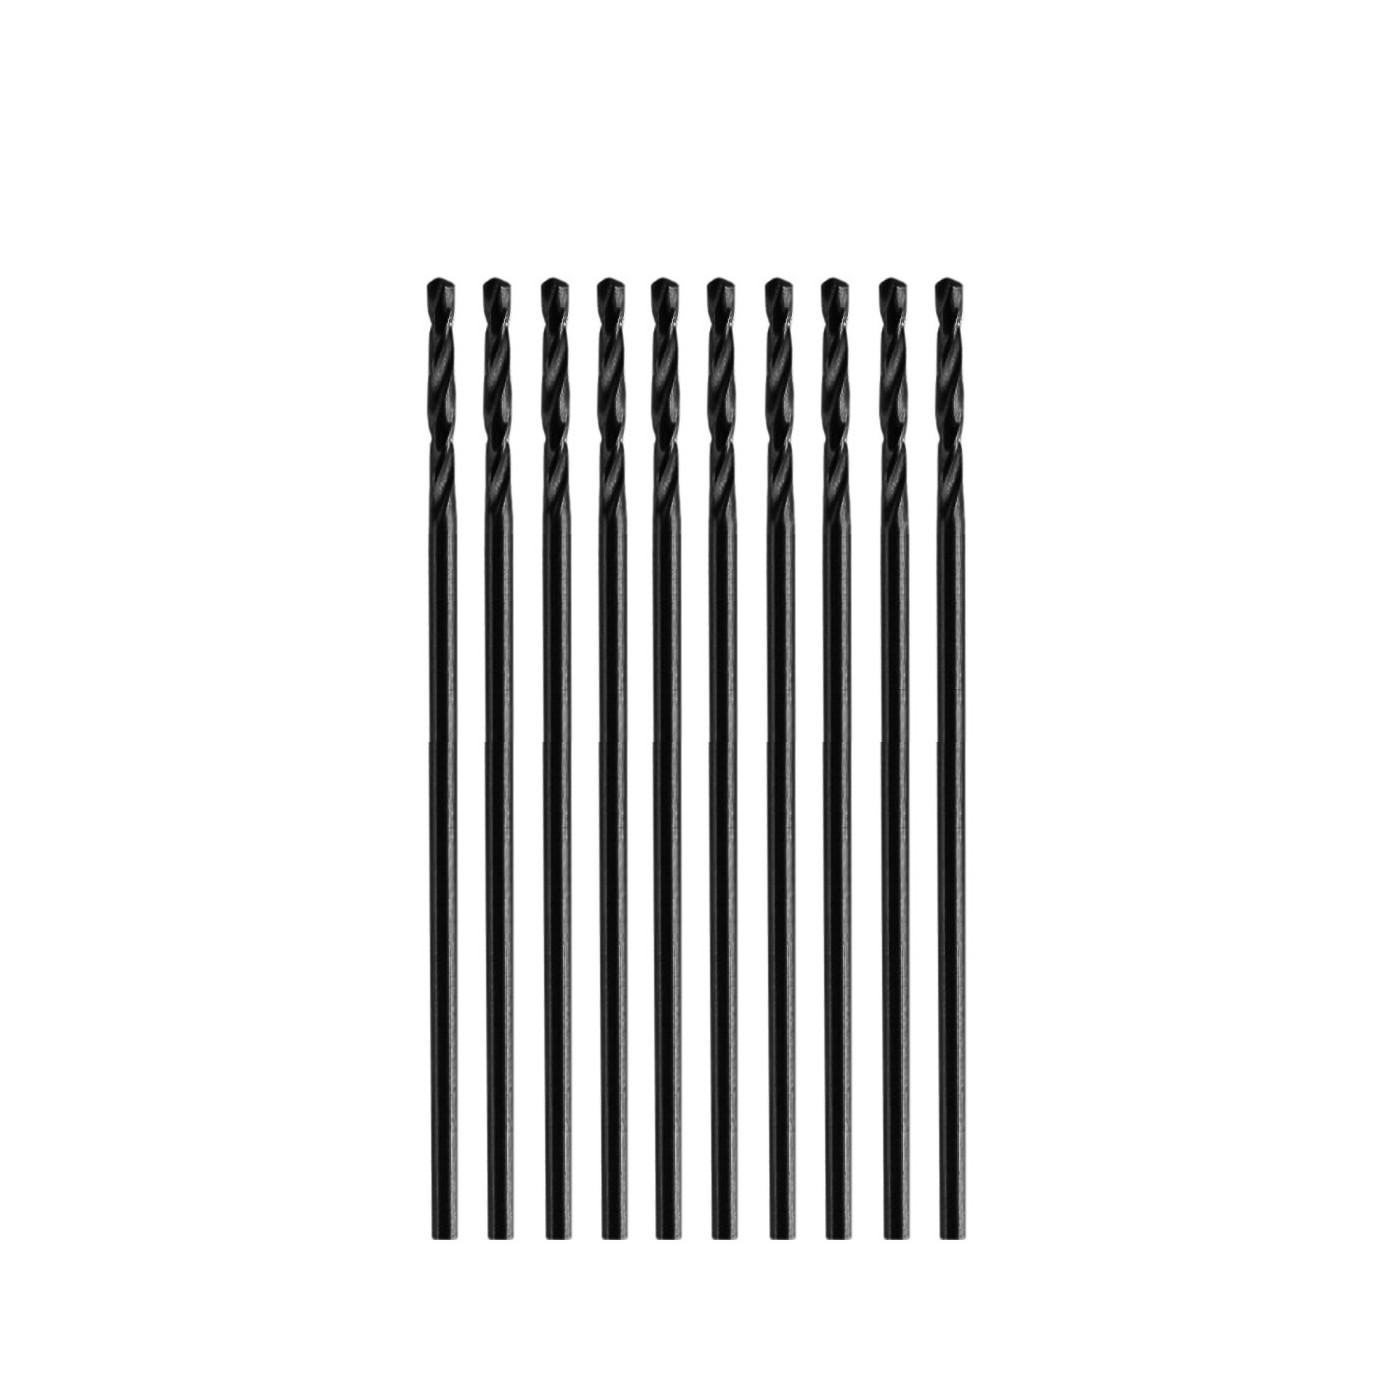 Set von 10 kleinen Metallbohrern (0,6x21 mm, HSS)  - 1